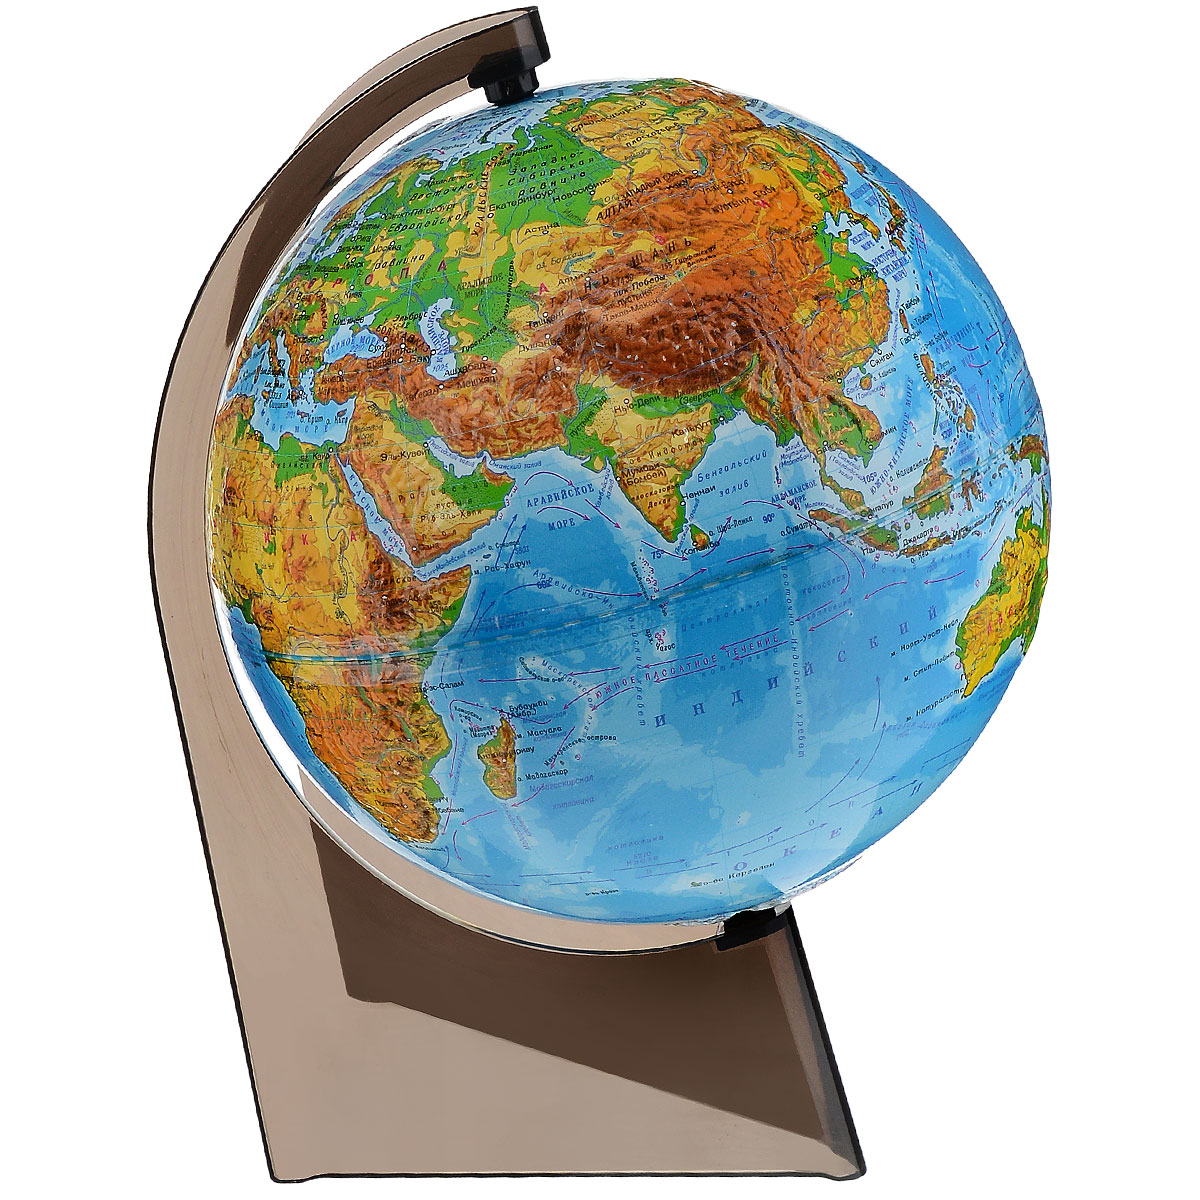 Глобусный мир Глобус с физической картой, рельефный, диаметр 21 см, на подставке10275Географический глобус с физической картой мира станет незаменимым атрибутом обучения не только школьника, но и студента. На глобусе отображены линии картографической сетки, гидрографическая сеть, рельеф суши и морского дна, крупнейшие населенные пункты, теплые и холодные течения. Глобус является уменьшенной и практически не искаженной моделью Земли и предназначен для использования в качестве наглядного картографического пособия, а также для украшения интерьера квартир, кабинетов и офисов. Красочность, повышенная наглядность визуального восприятия взаимосвязей, отображенных на глобусе объектов и явлений, в сочетании с простотой выполнения по нему различных измерений делают глобус доступным широкому кругу потребителей для получения разнообразной познавательной, научной и справочной информации о Земле. Глобус на оригинальной пластиковой подставке. Масштаб: 1:60000000.